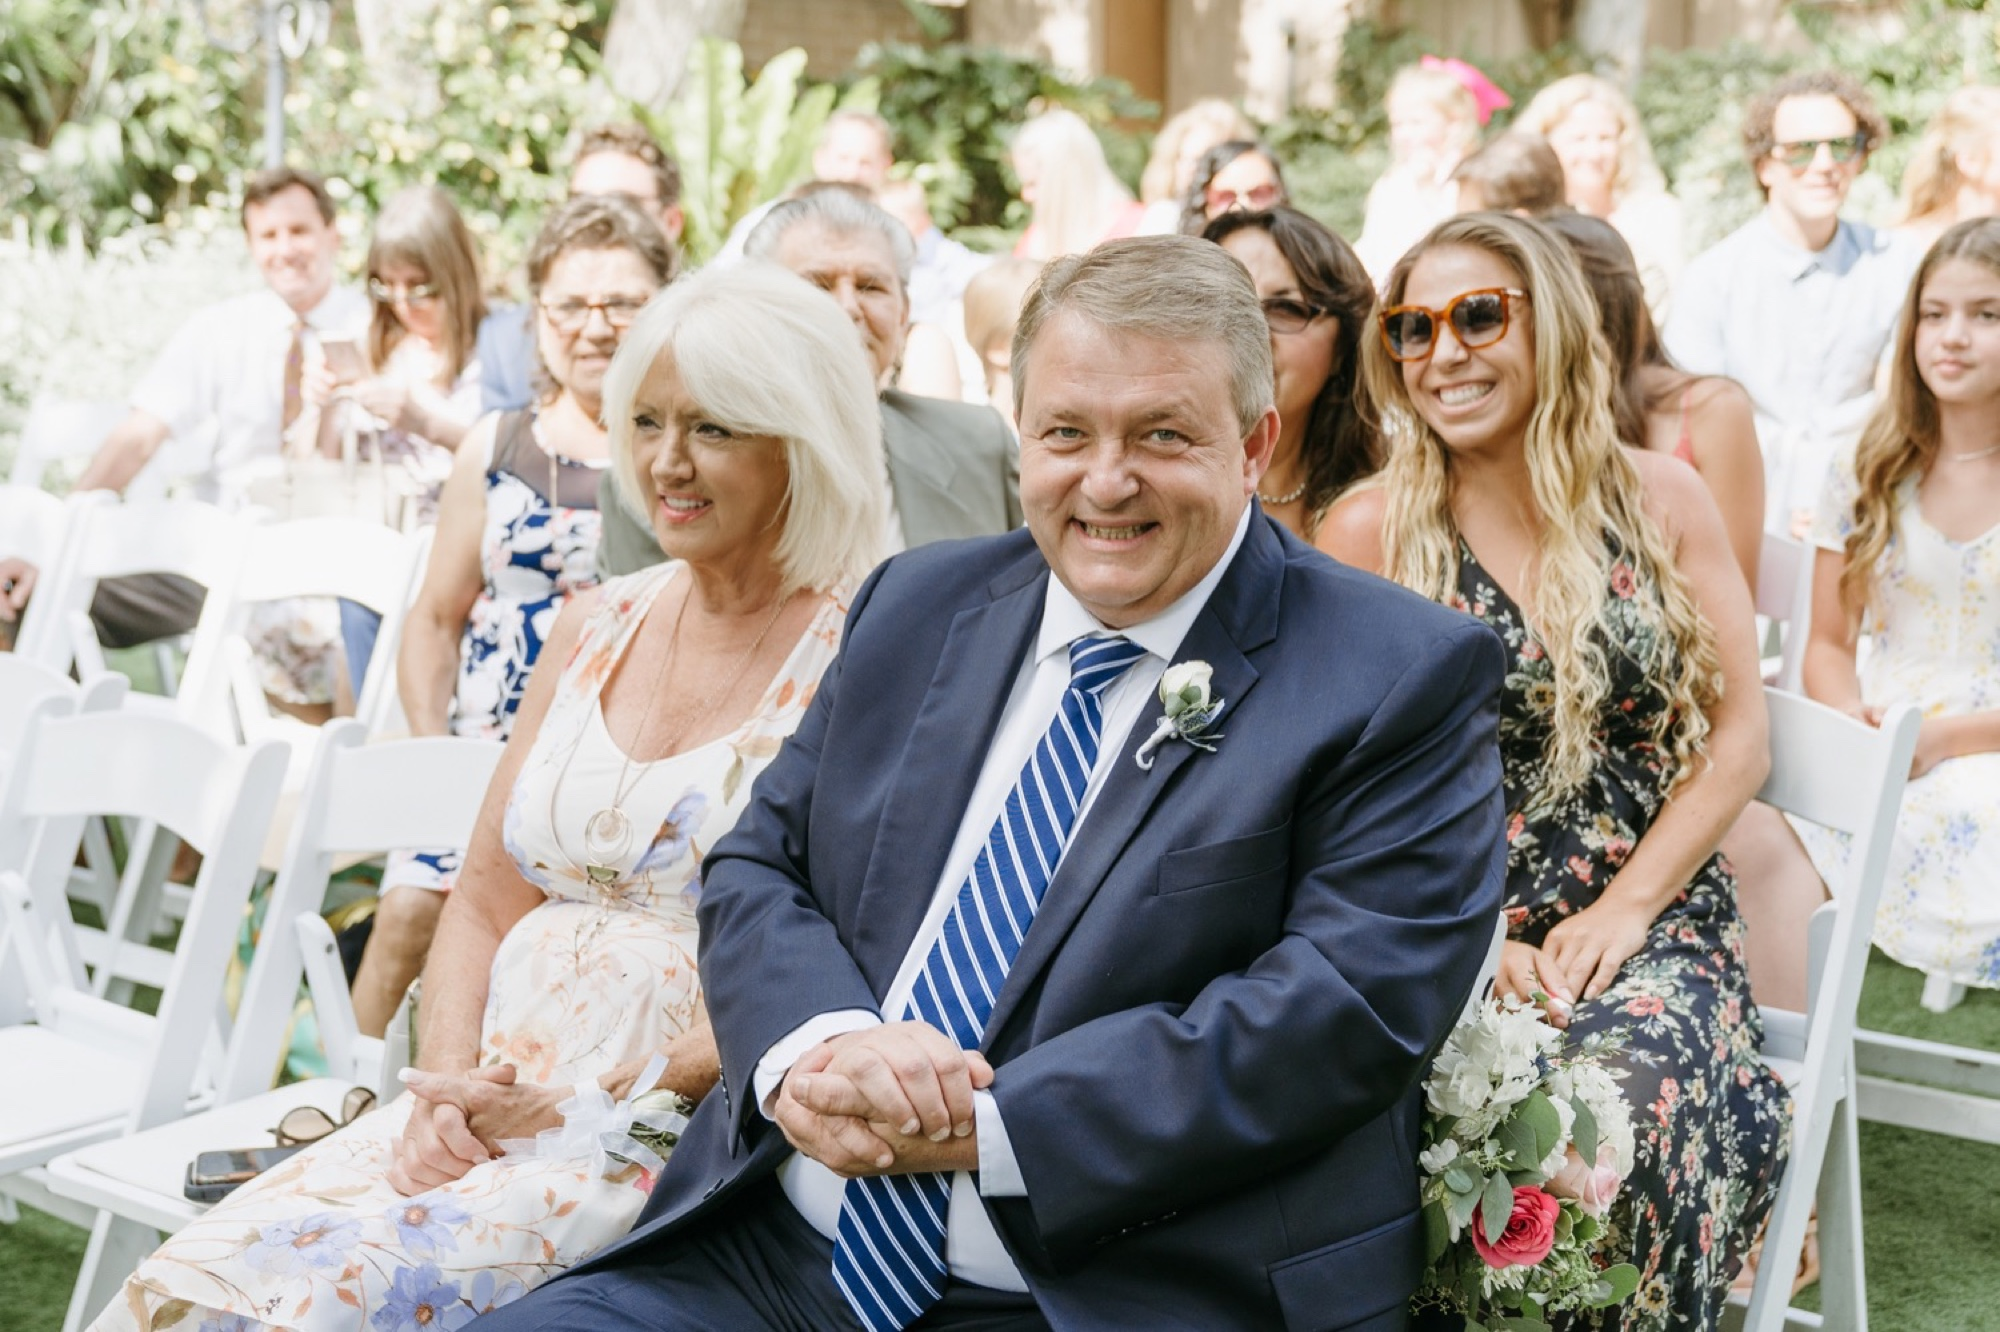 026_Shawna and Steve's Wedding-163.jpg